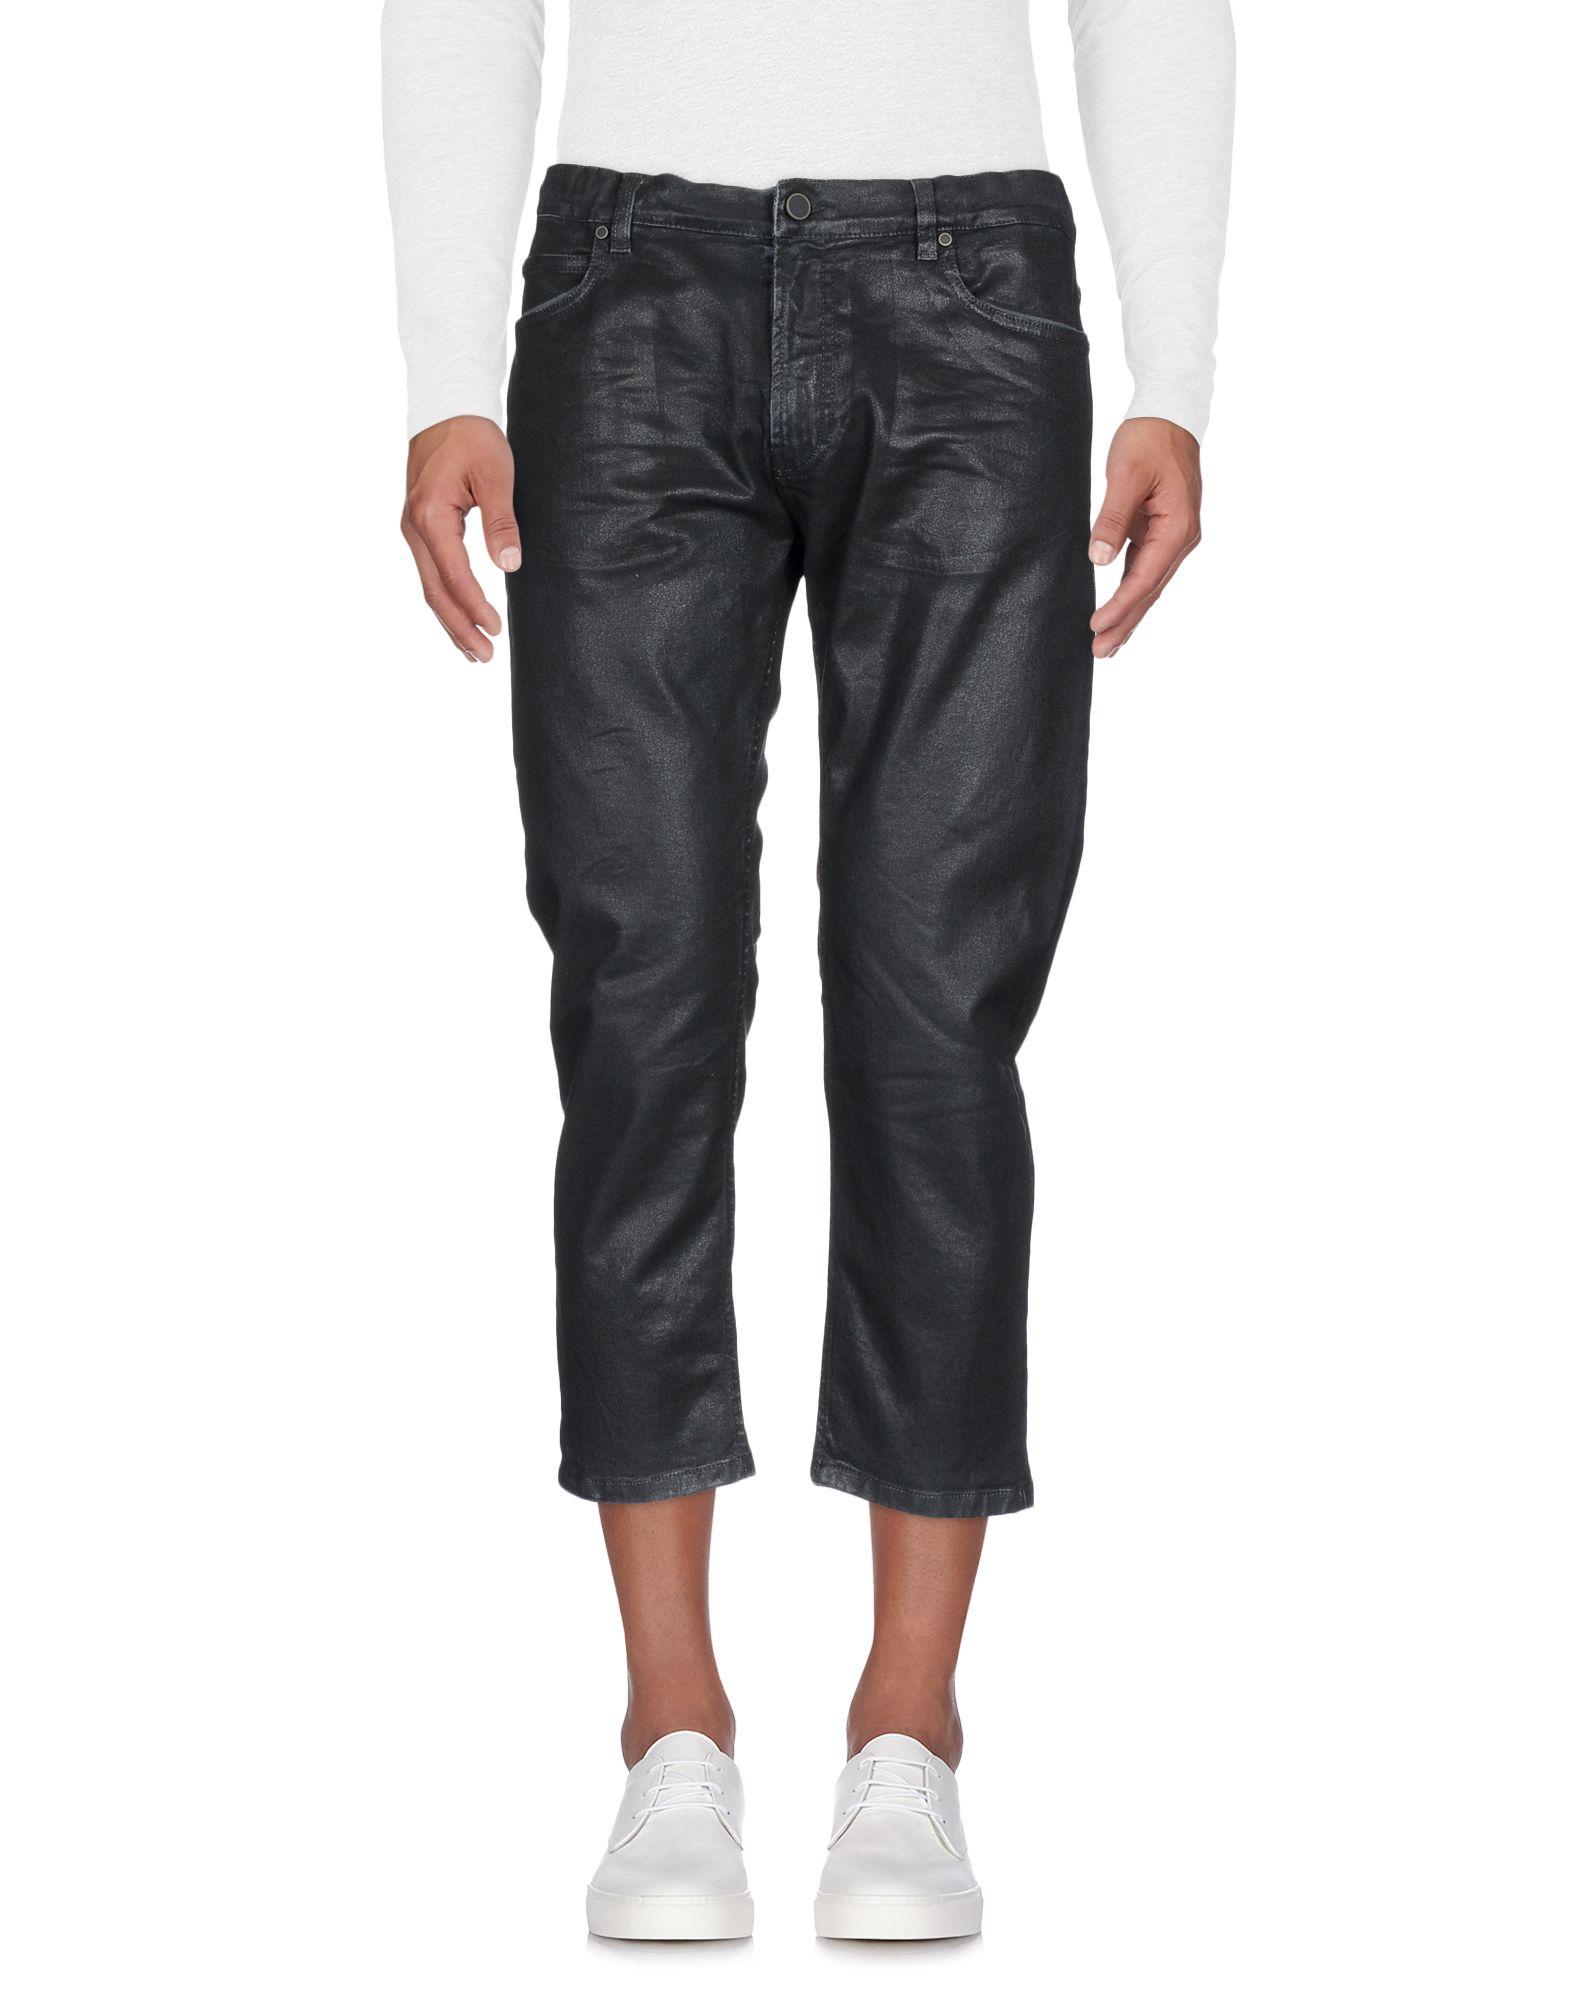 《送料無料》DANILO PAURA メンズ デニムカプリパンツ ブラック 30 コットン 100%